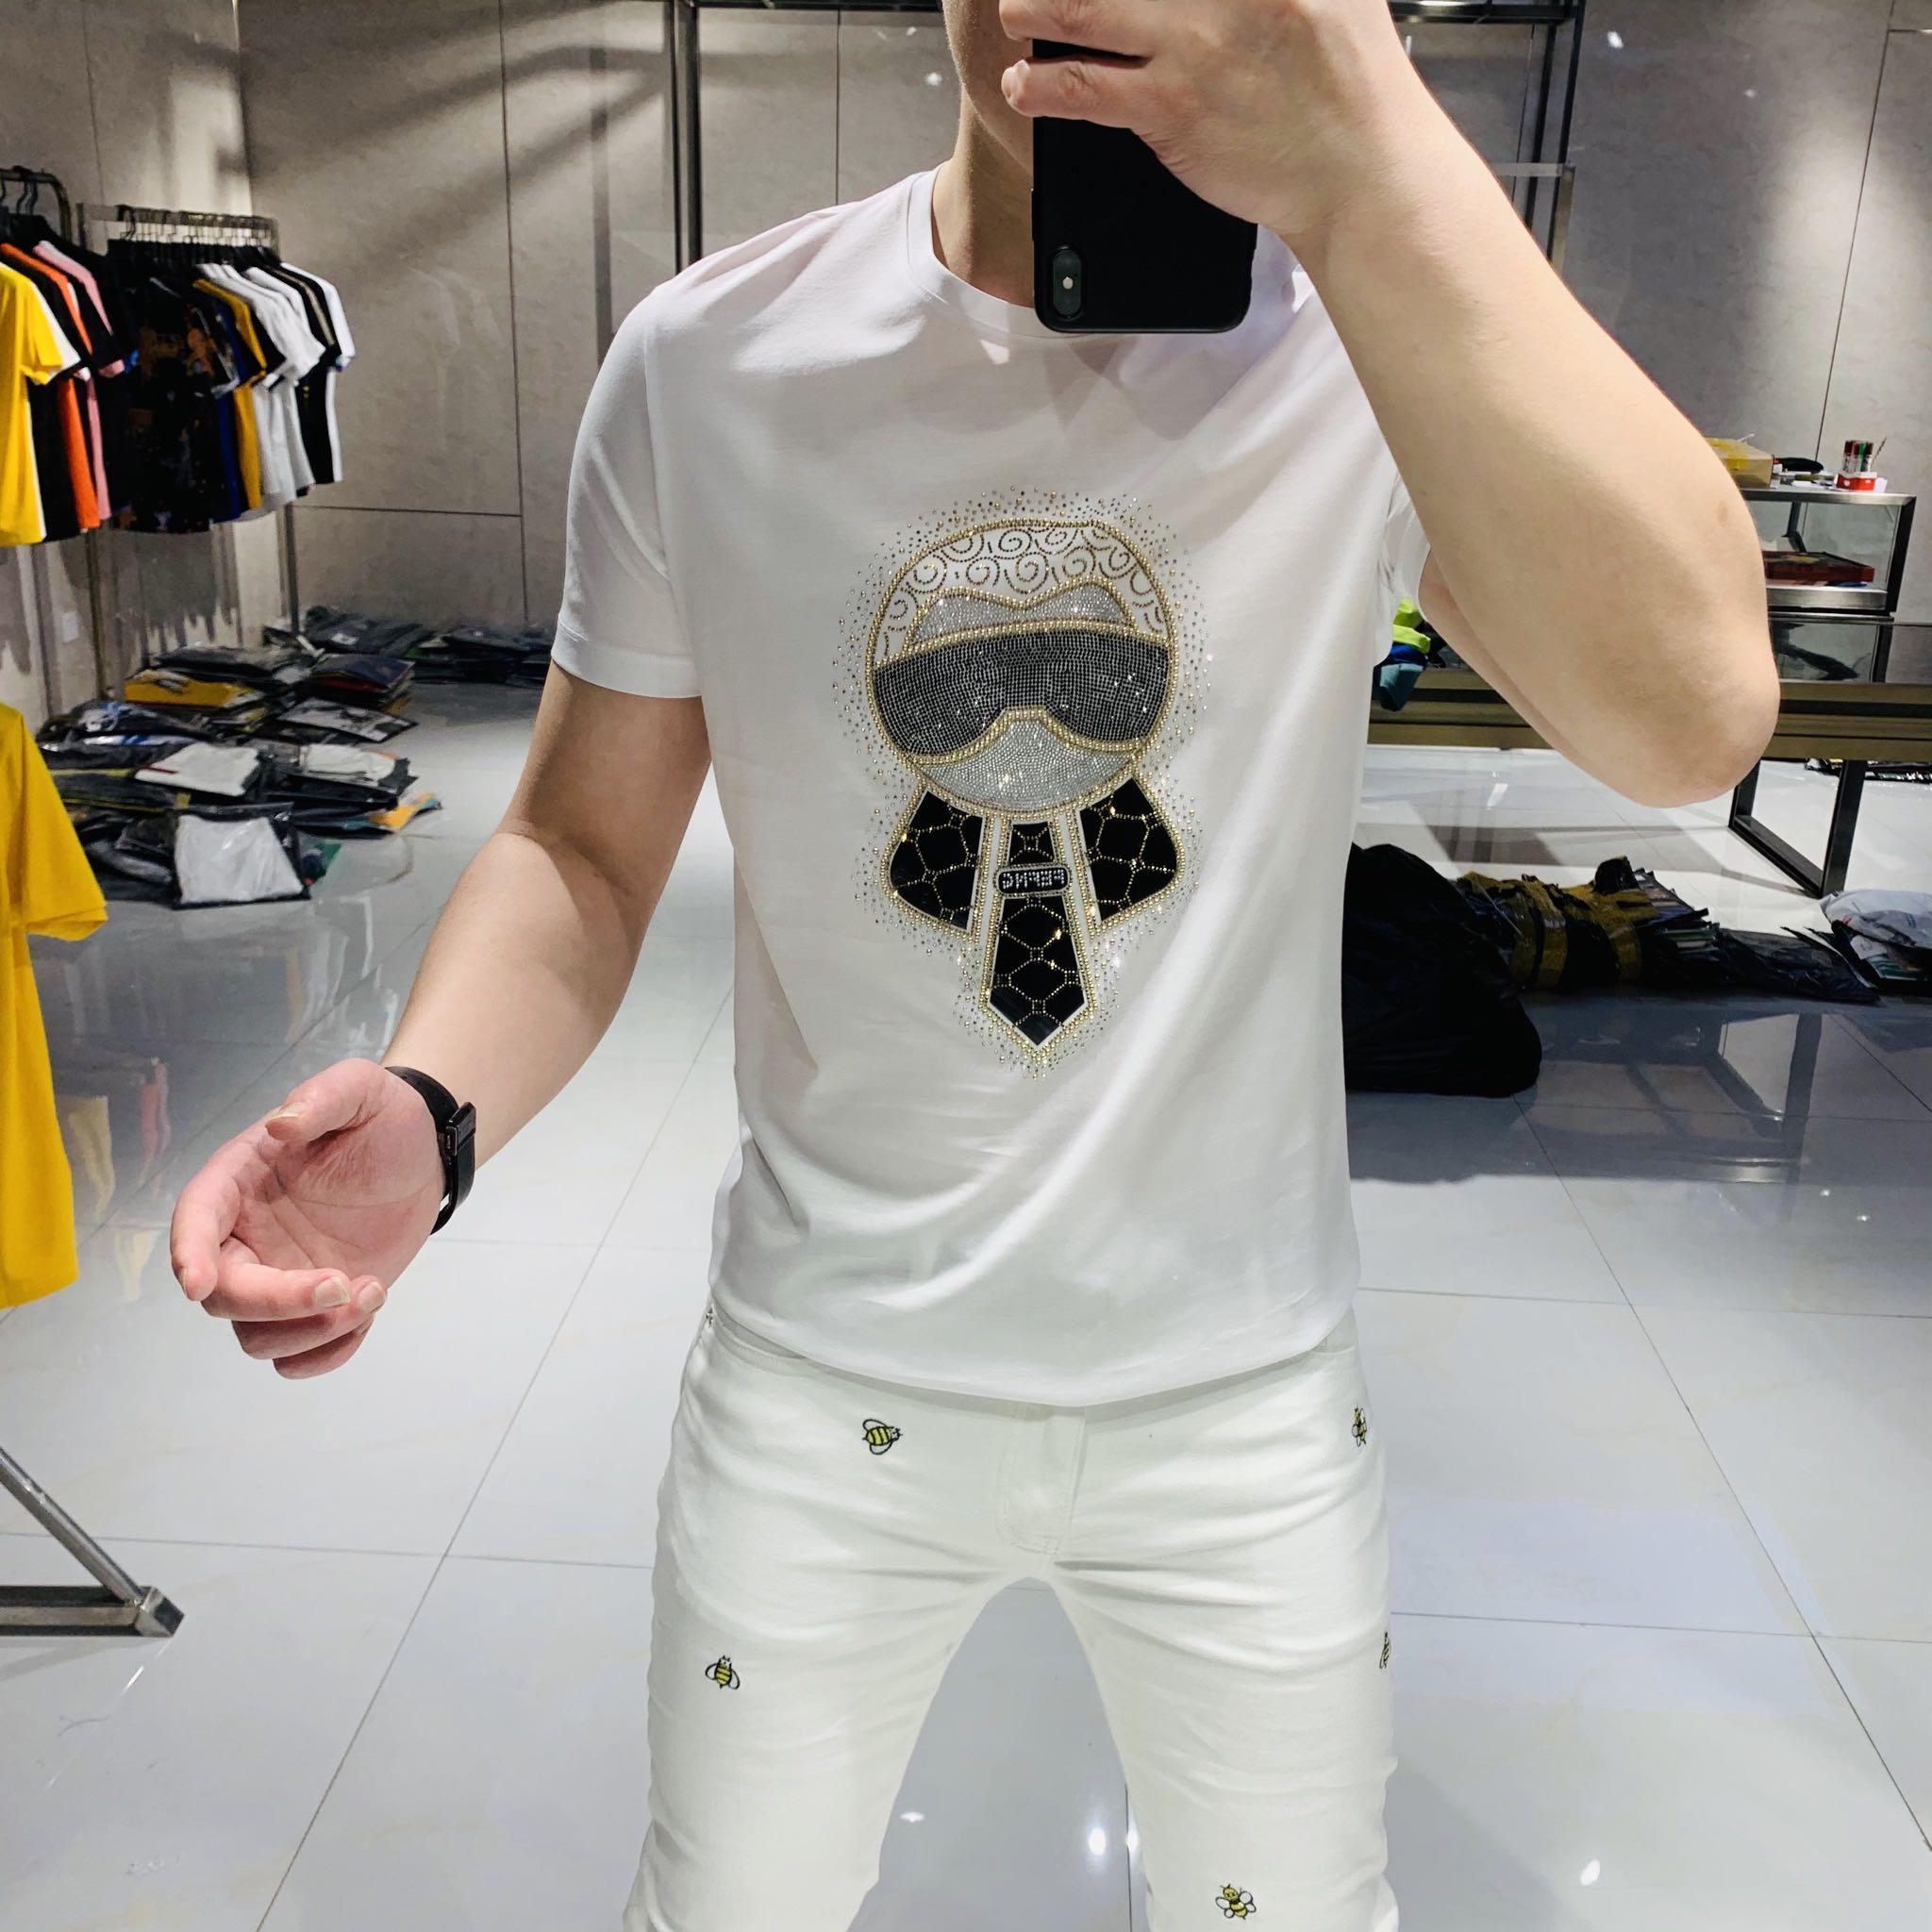 帝哲尼2020夏季新款欧美潮牌小人头烫钻丝光棉短袖T恤男圆领修身